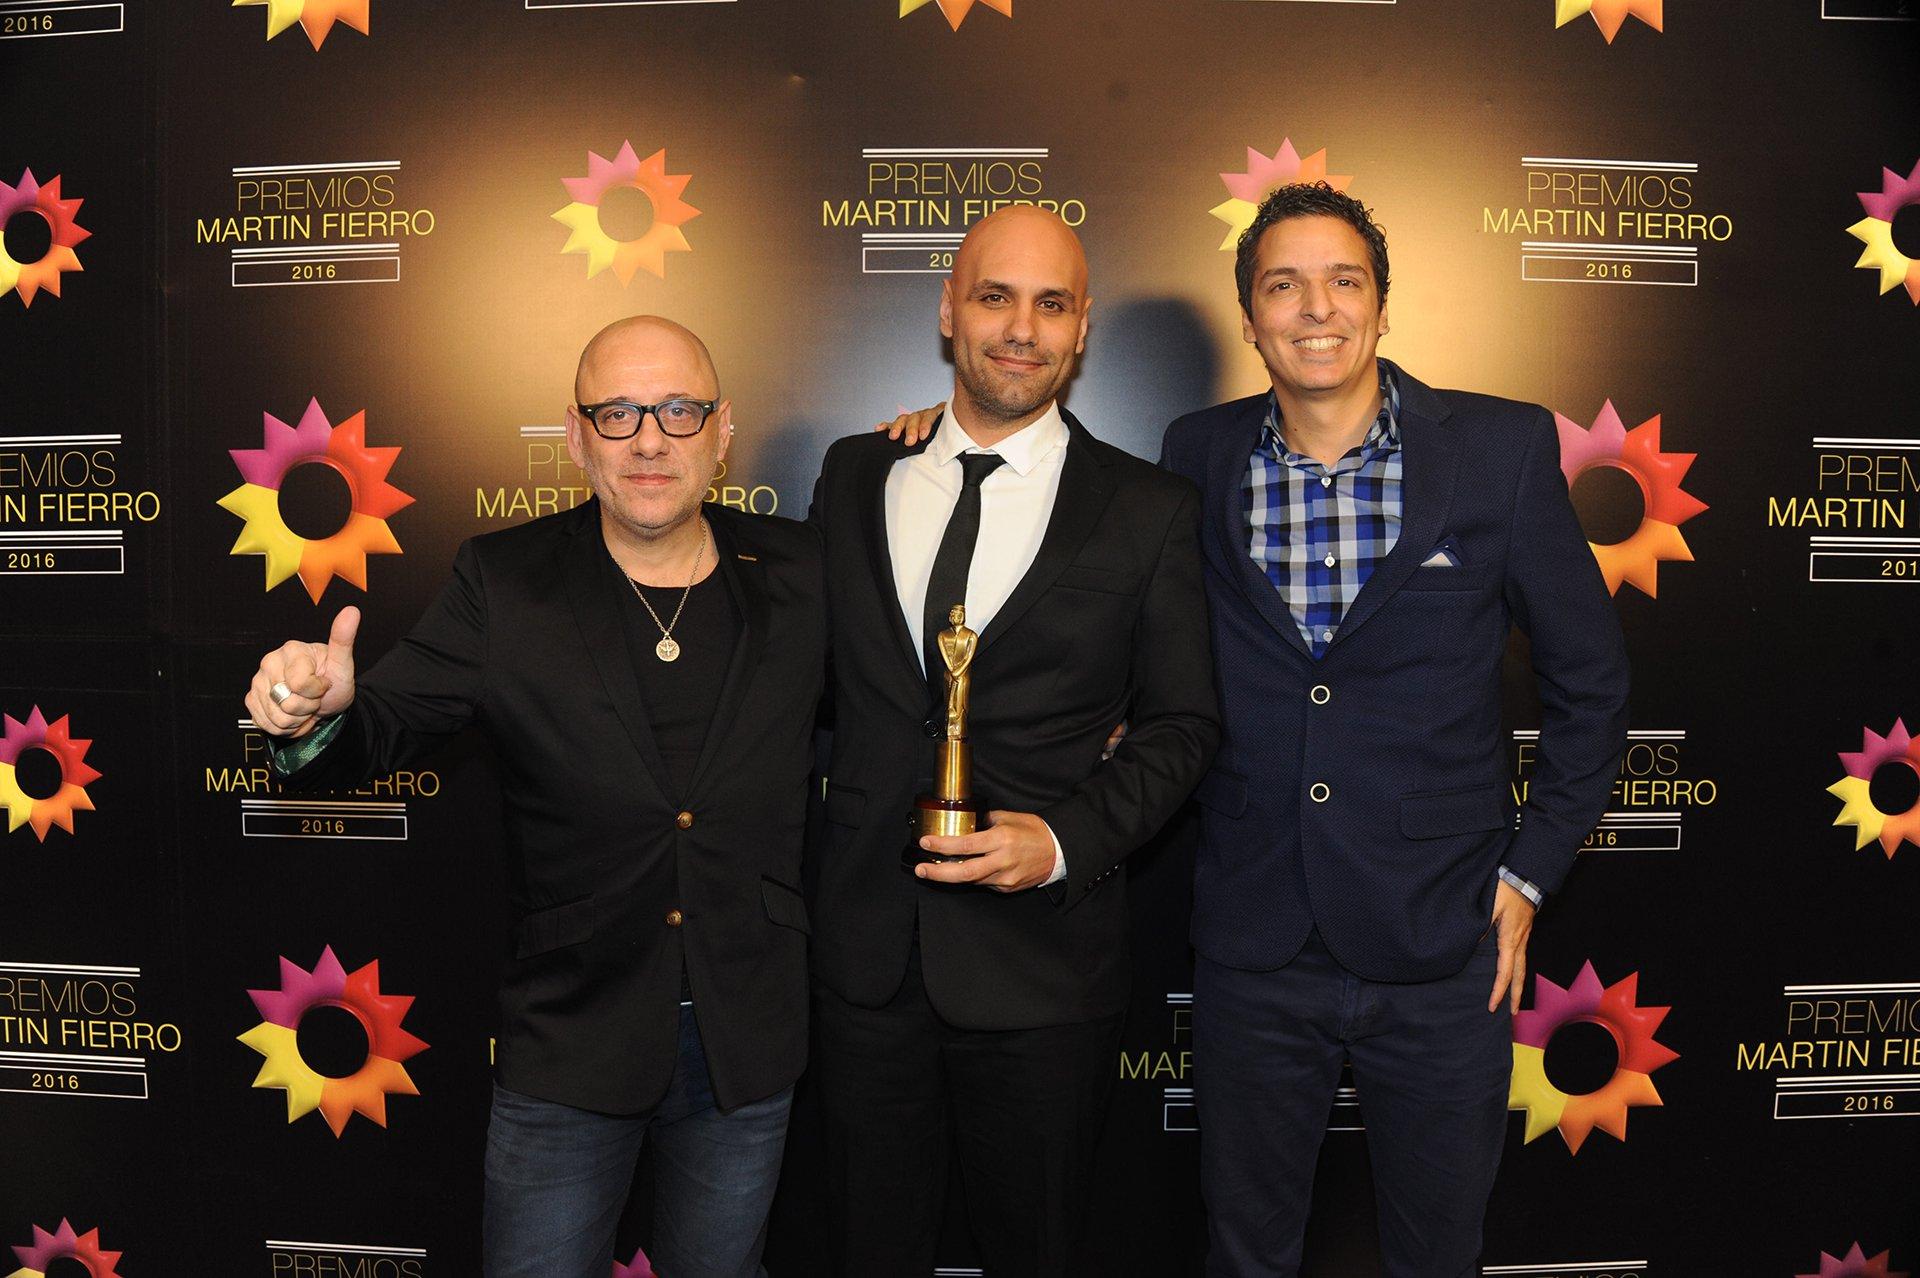 Pablo Ramos y Javier van de Couter, los guionistas de Historia de un Clan se llevaron el Martín Fierro 2016